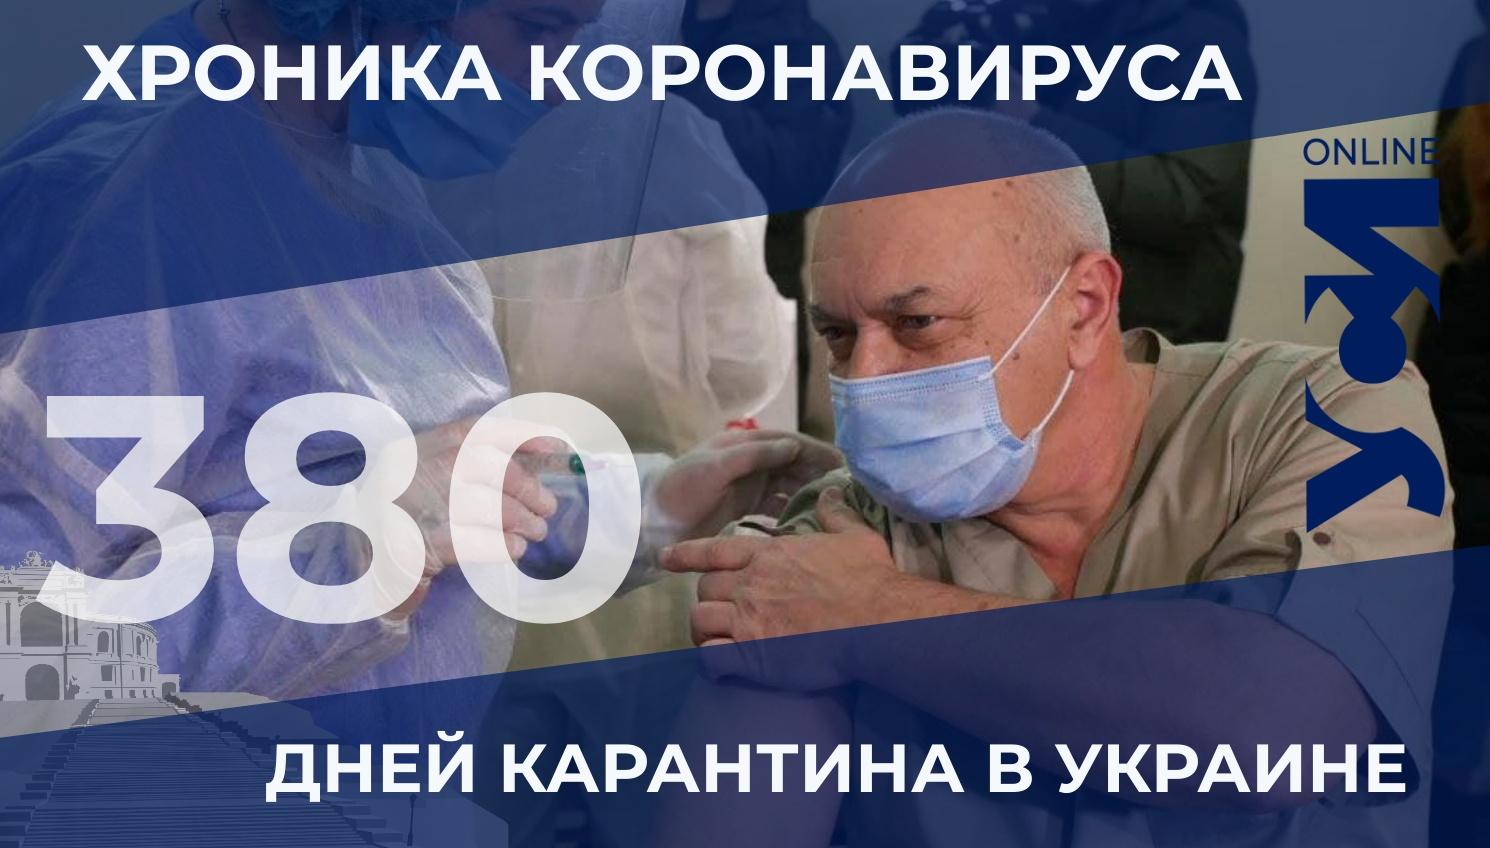 Хроника коронавируса: Одесская область — лидер по заболеваемости «фото»